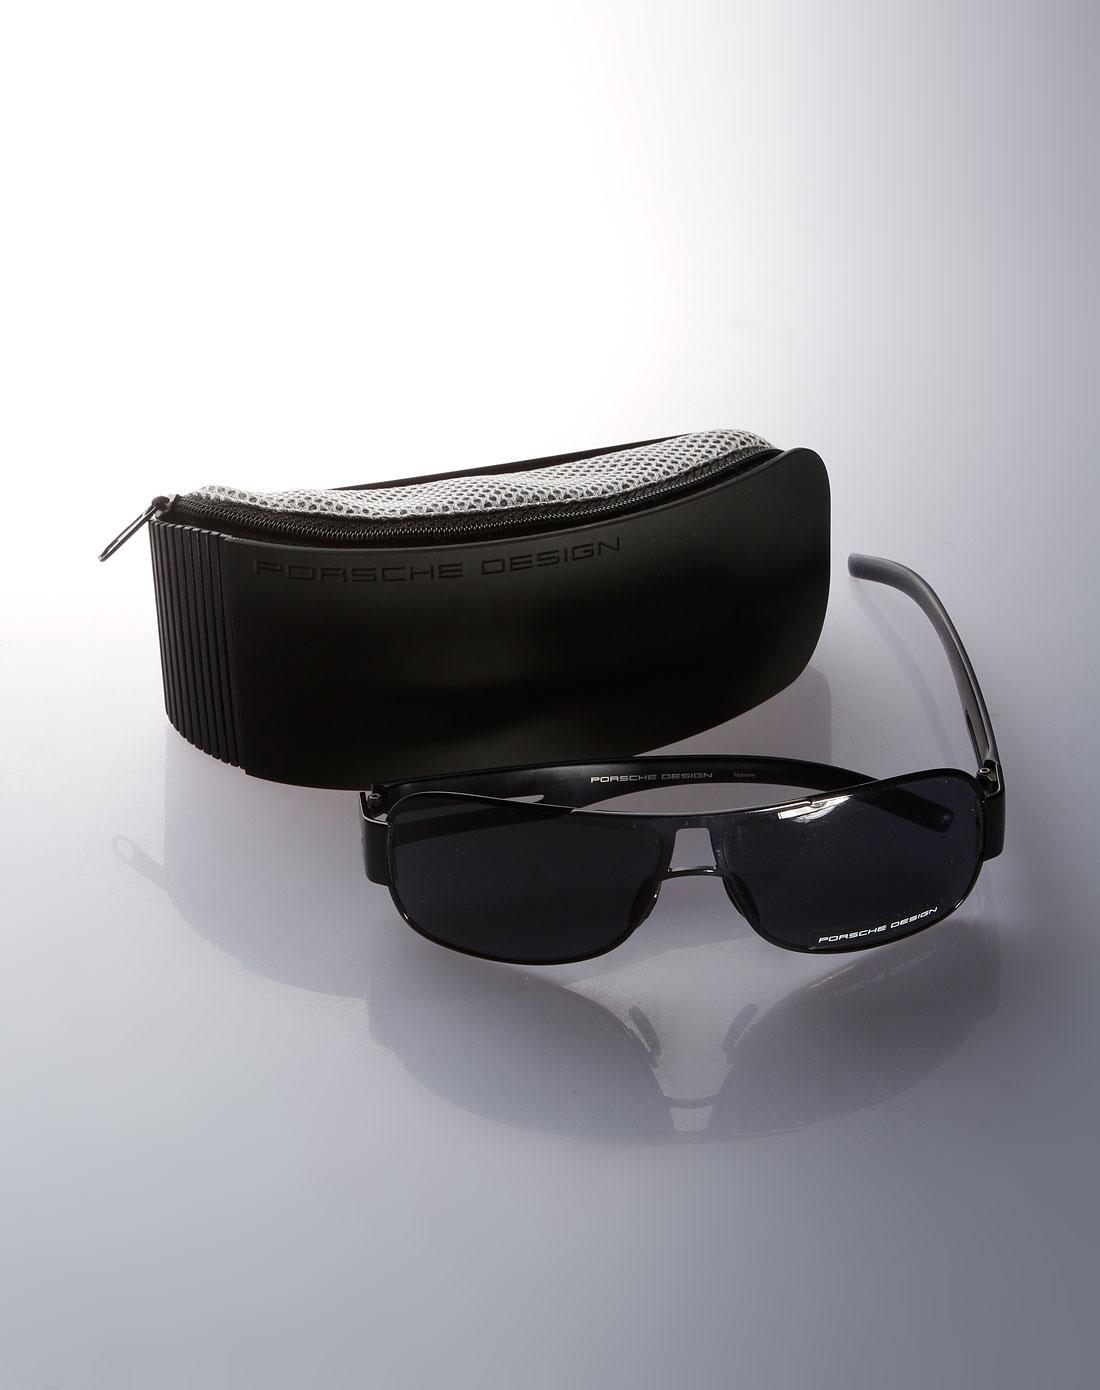 男款黑色时尚个性太阳镜